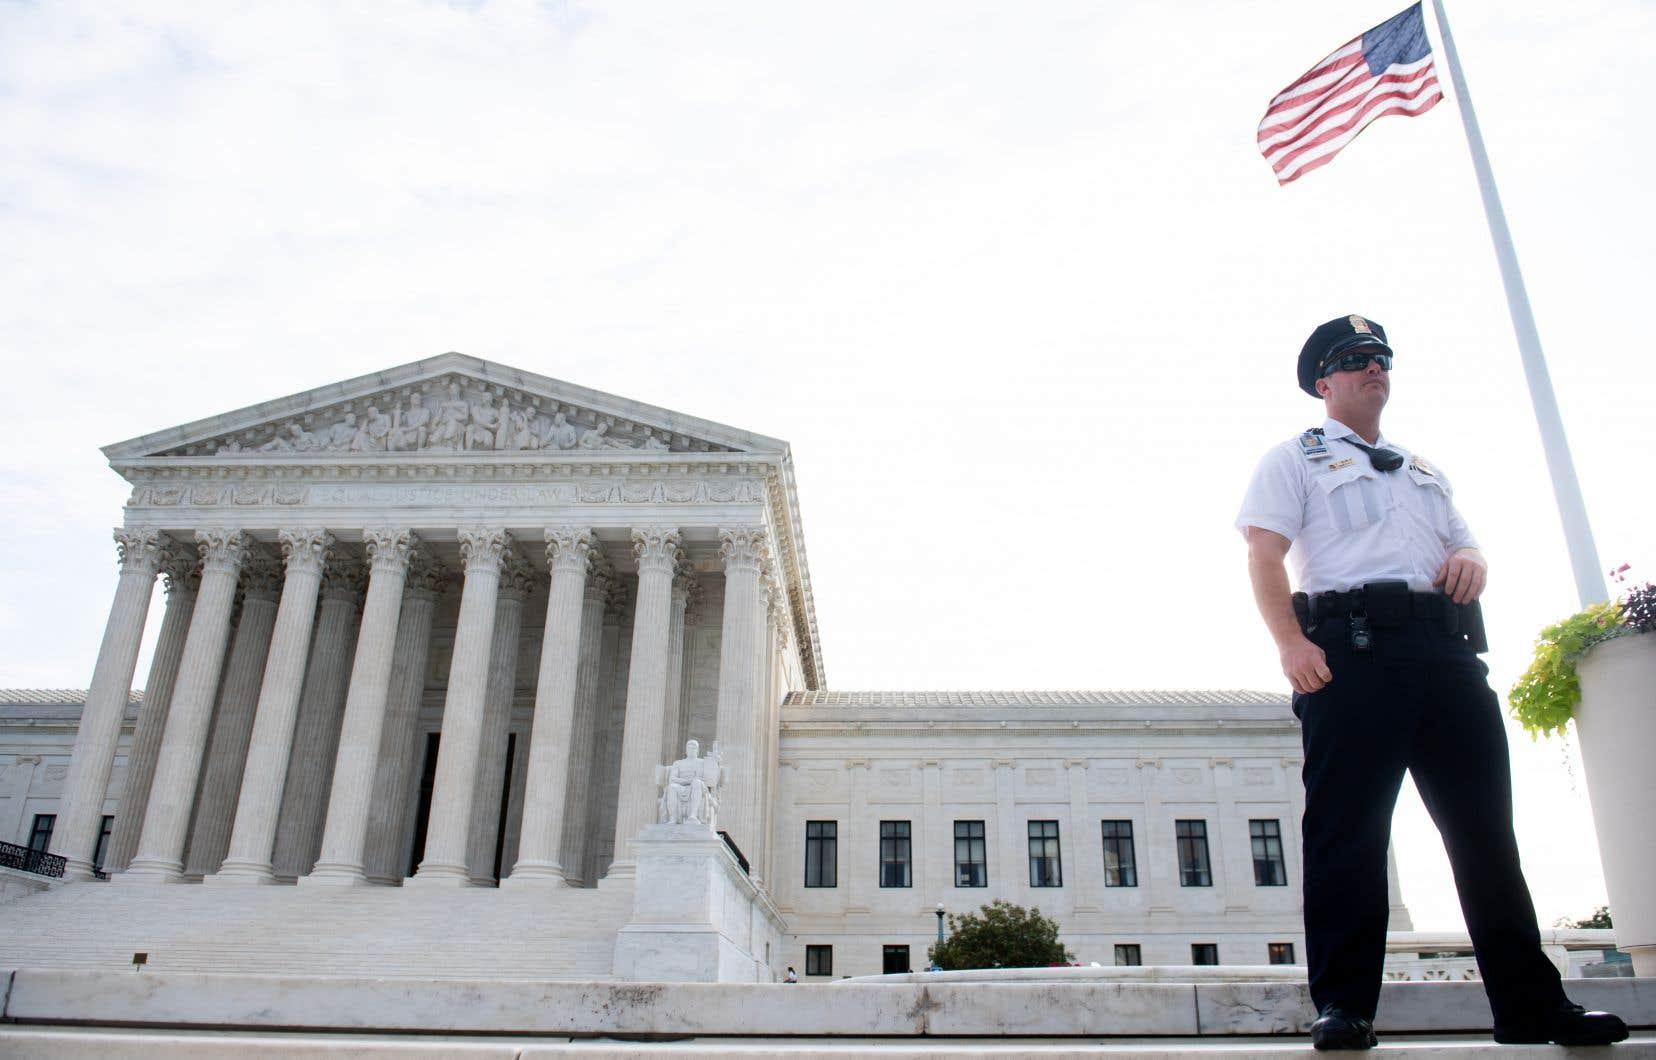 L'édifice de la Cour suprême des États-Unis, à Washington